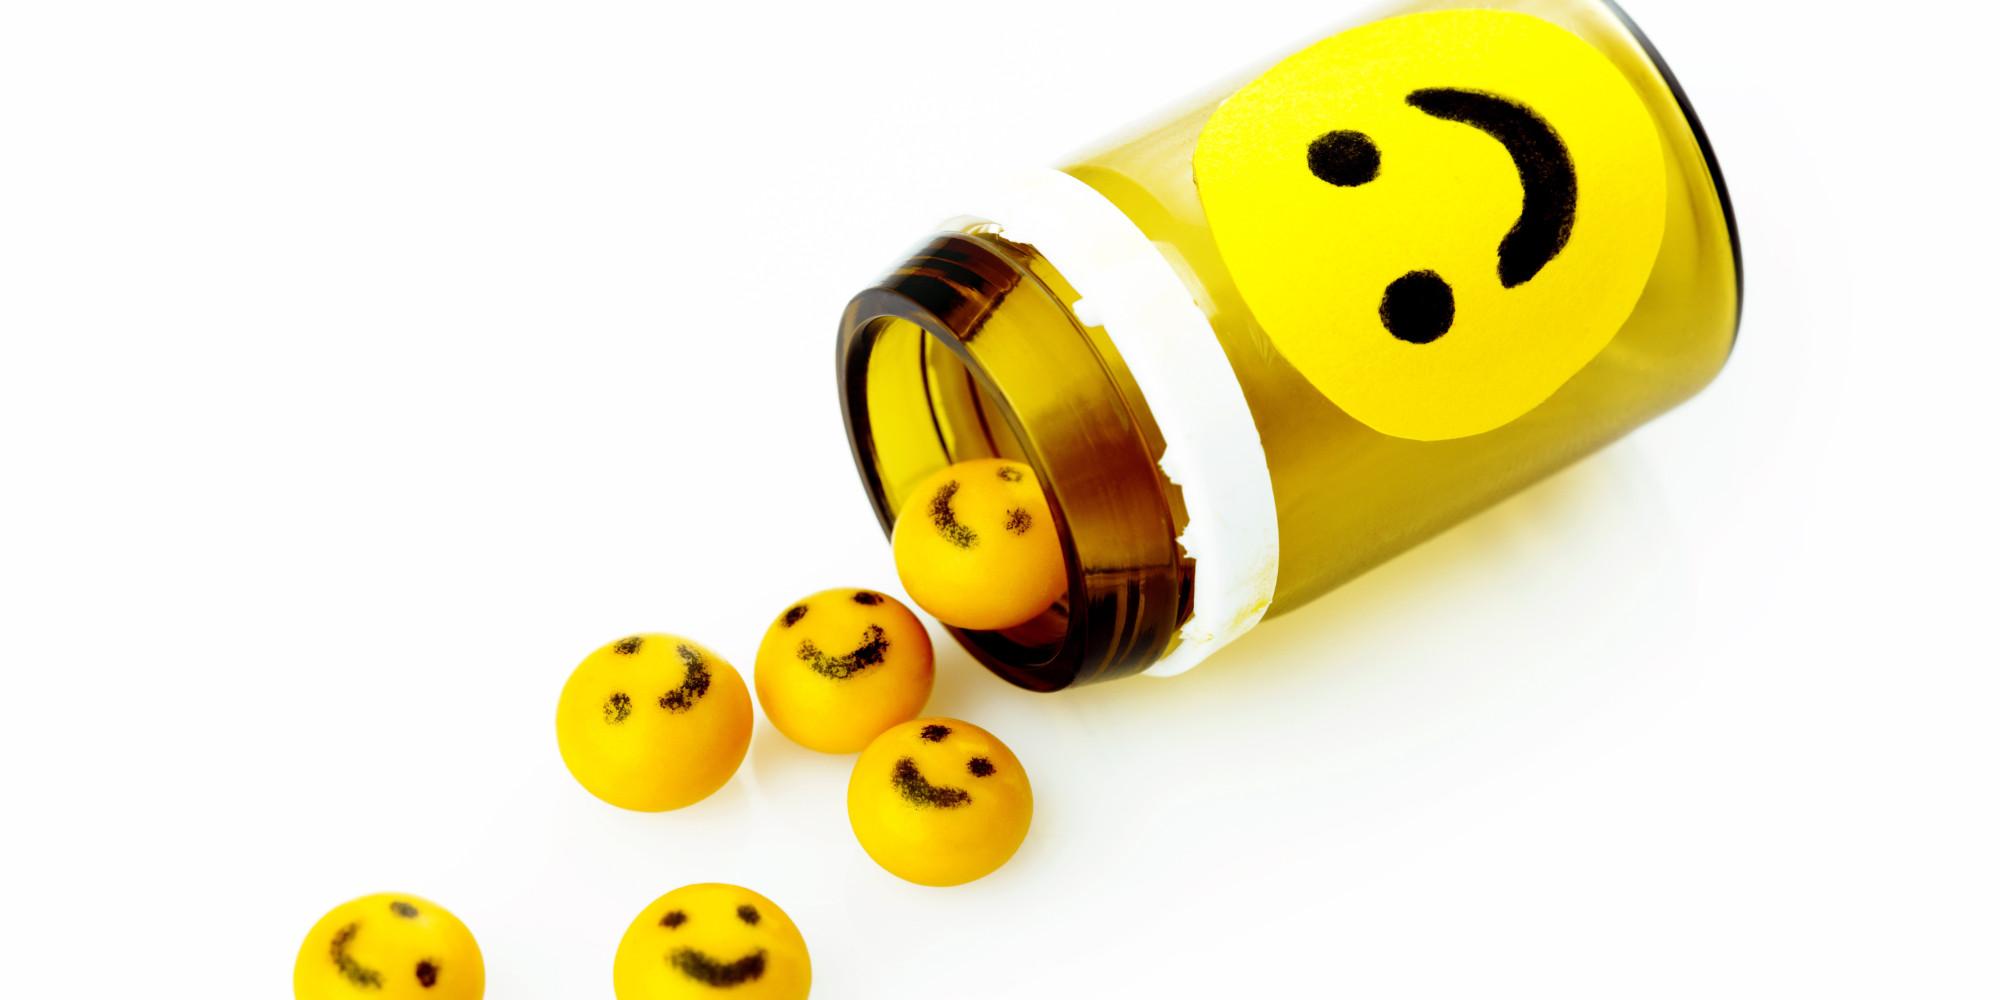 Как выйти из депрессии? антидепрессанты, психотерапия, диета